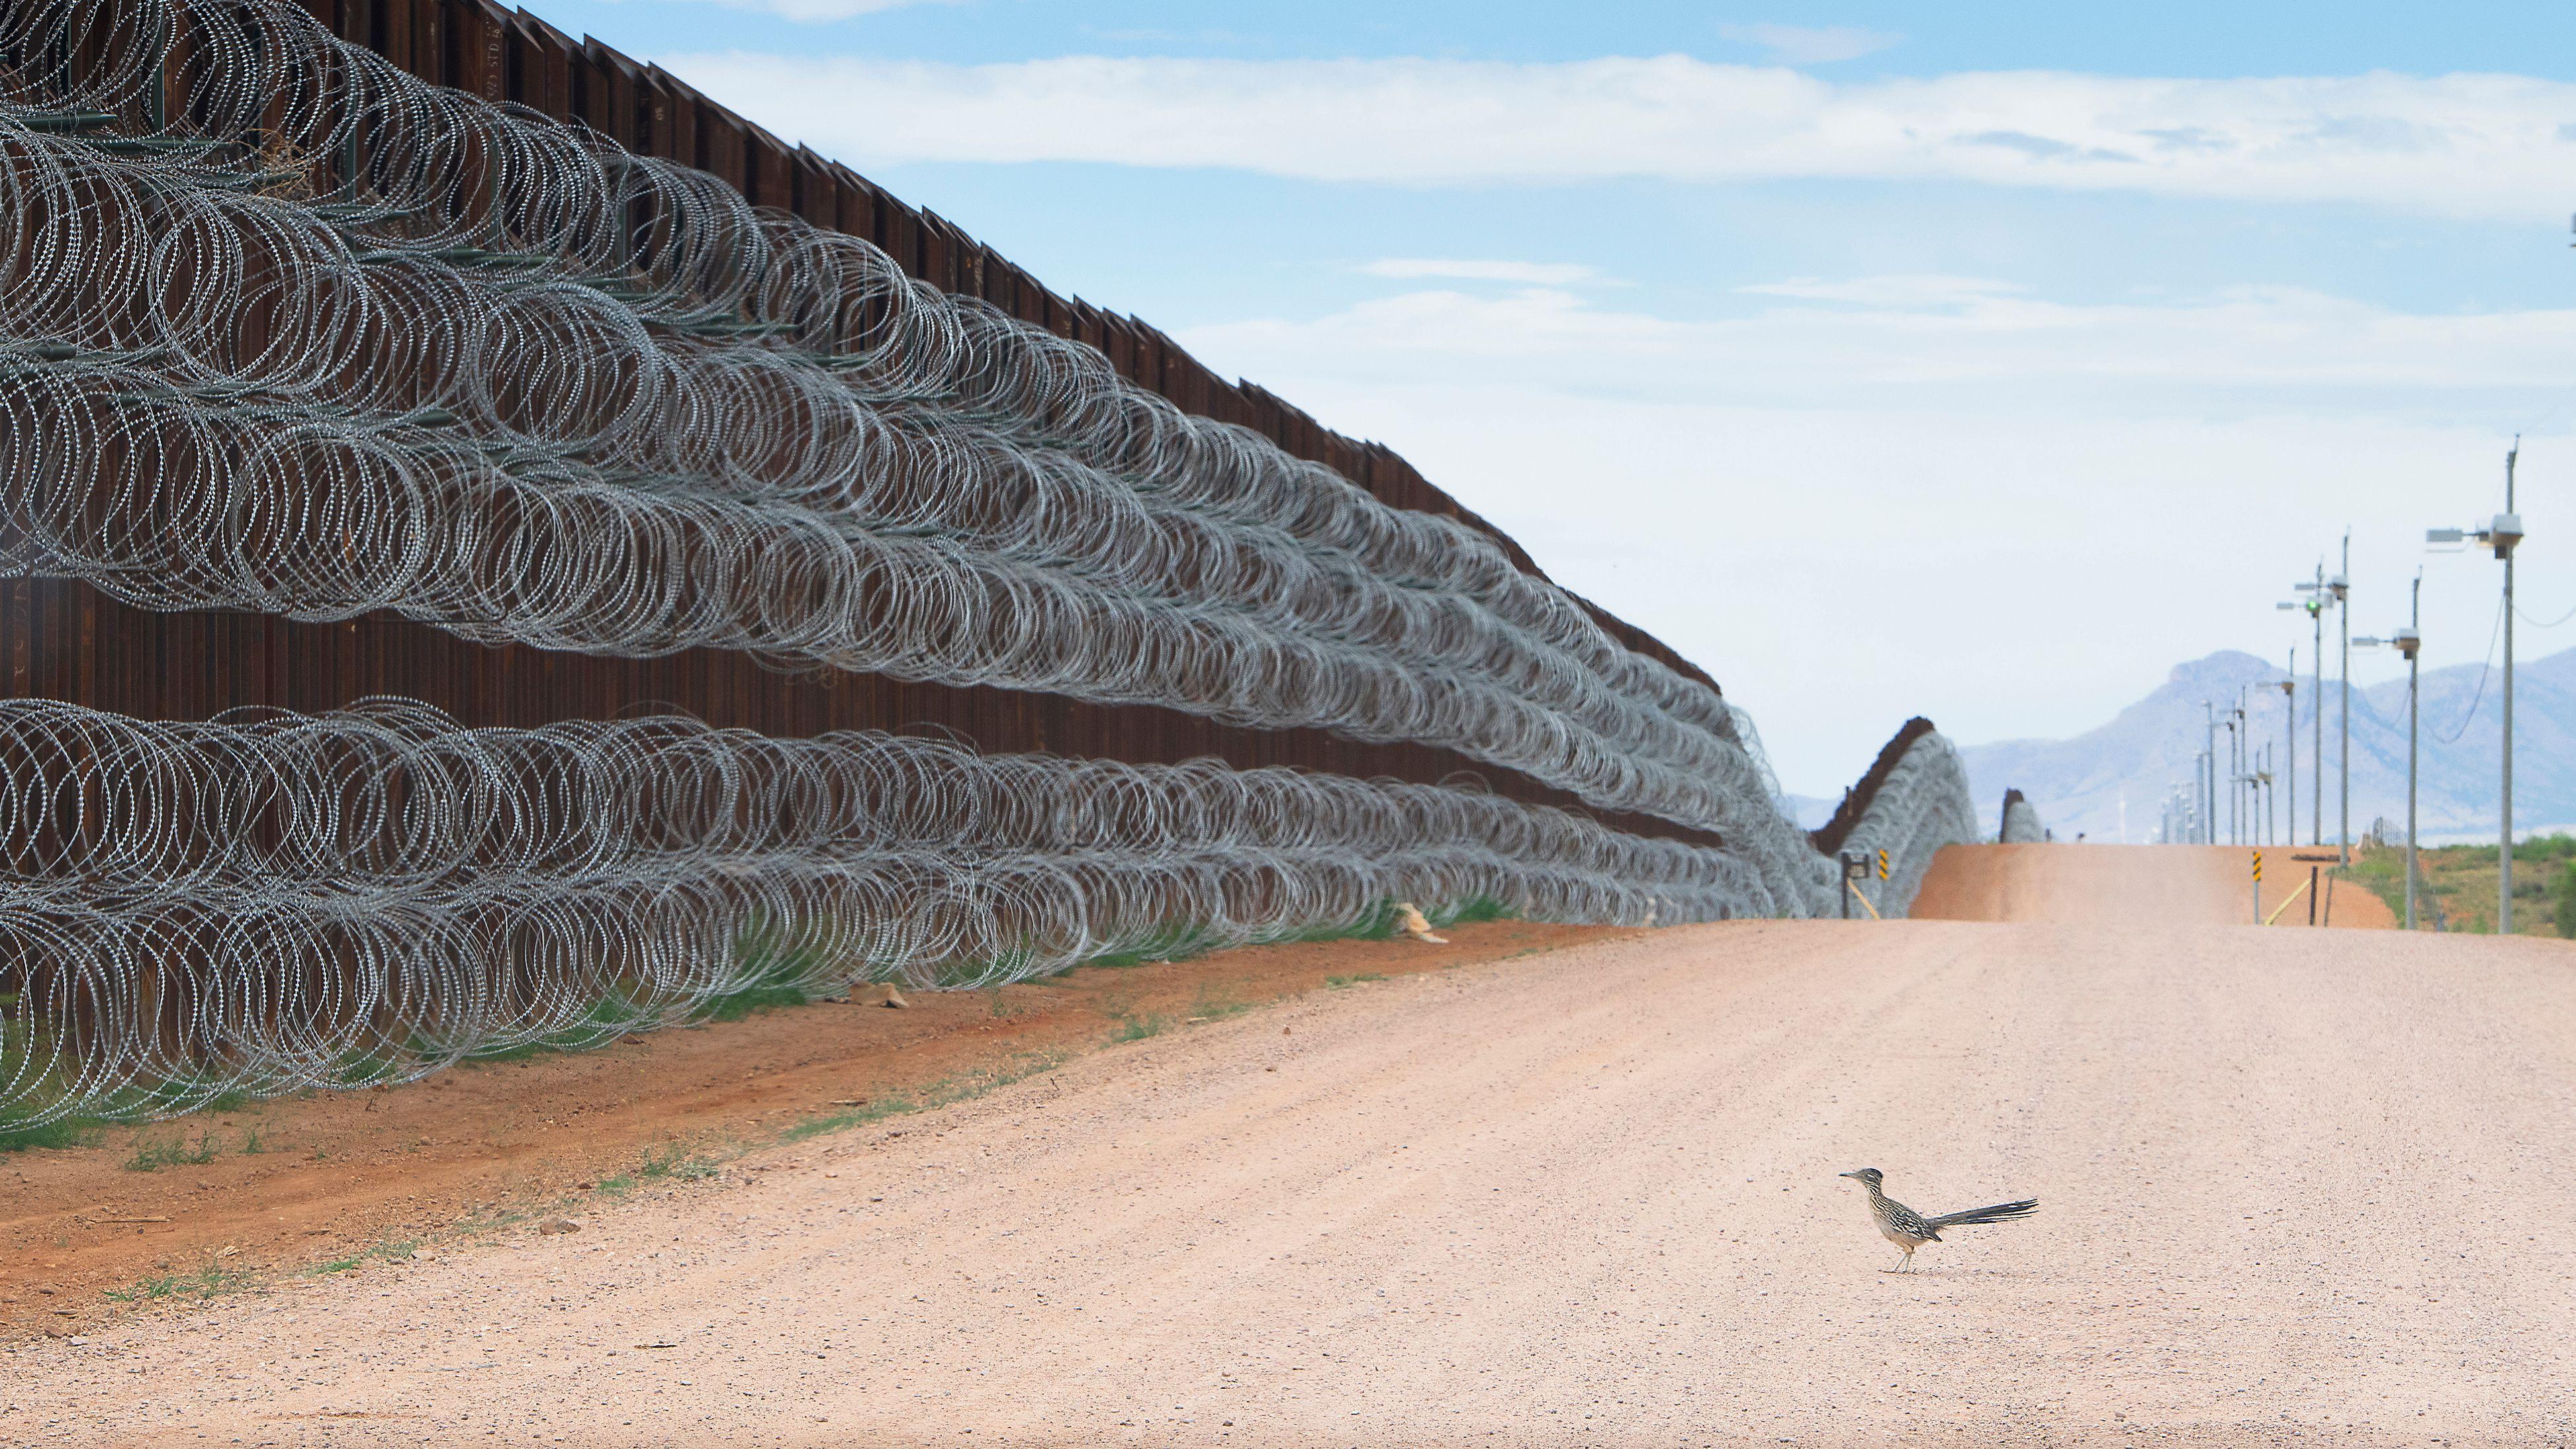 Ein Rennkuckuck vor der zukünftigen Grenzmauer der USA zu Mexiko